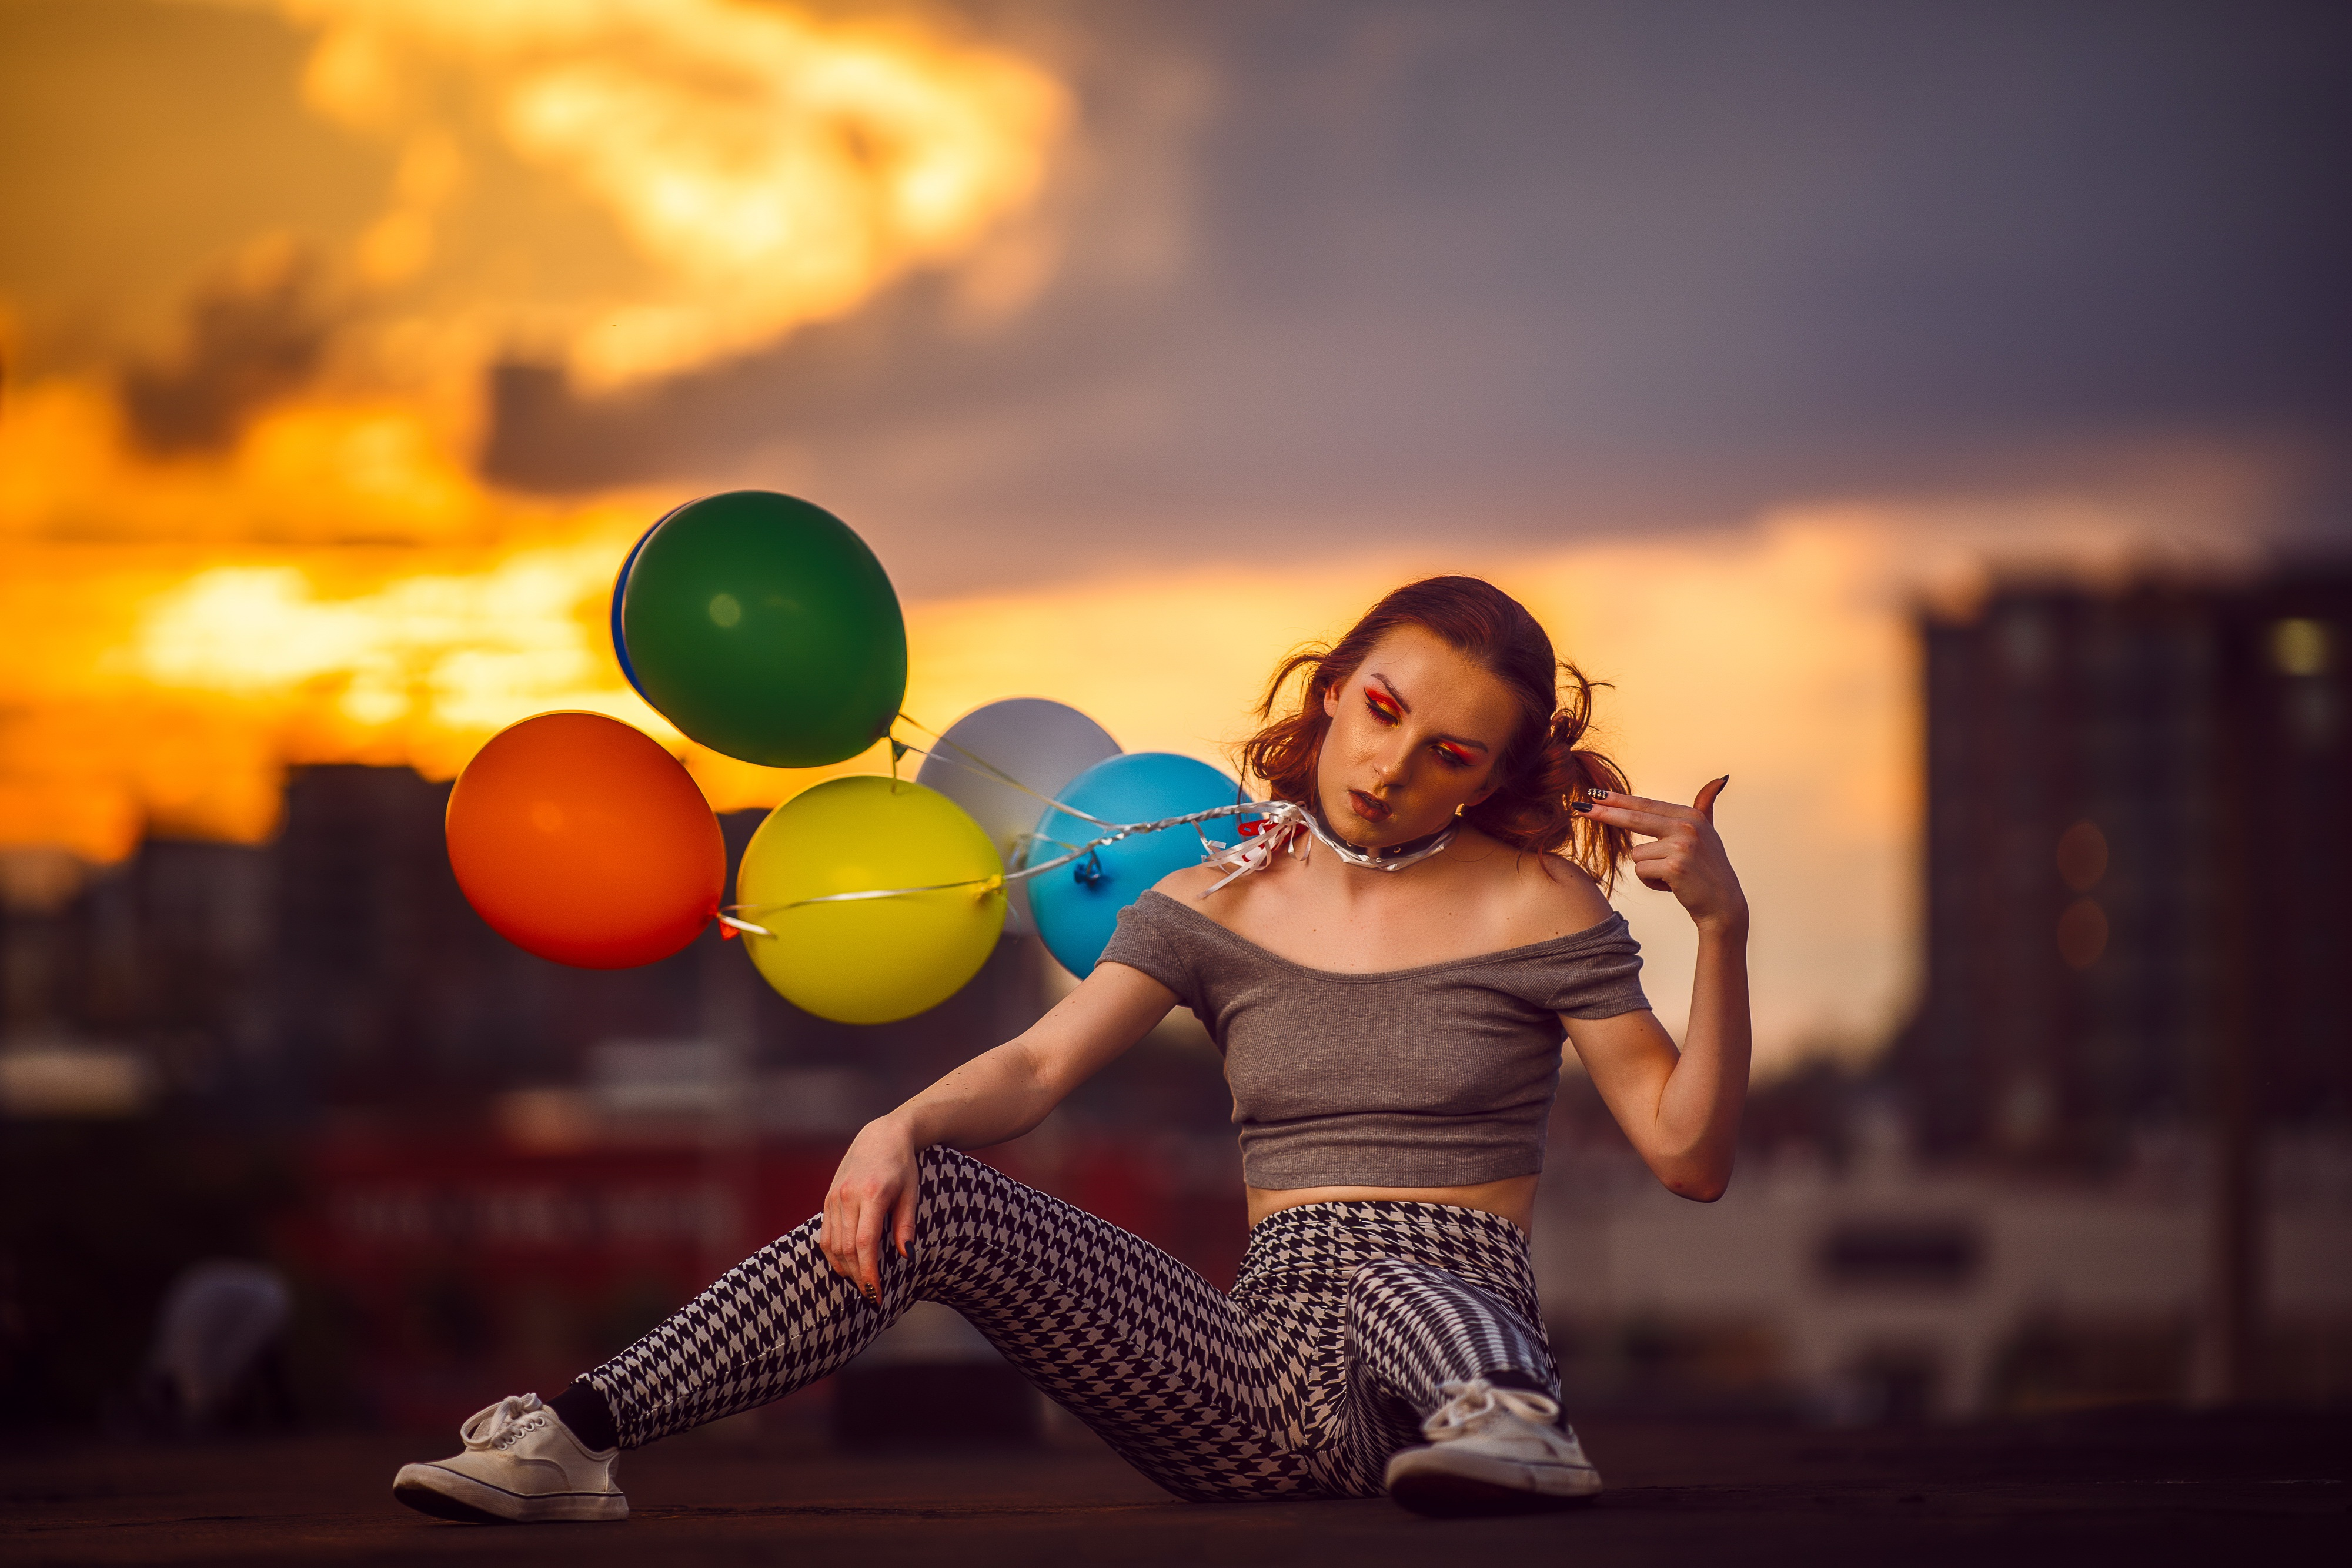 Движущиеся картинки, картинка как настроение для девушки